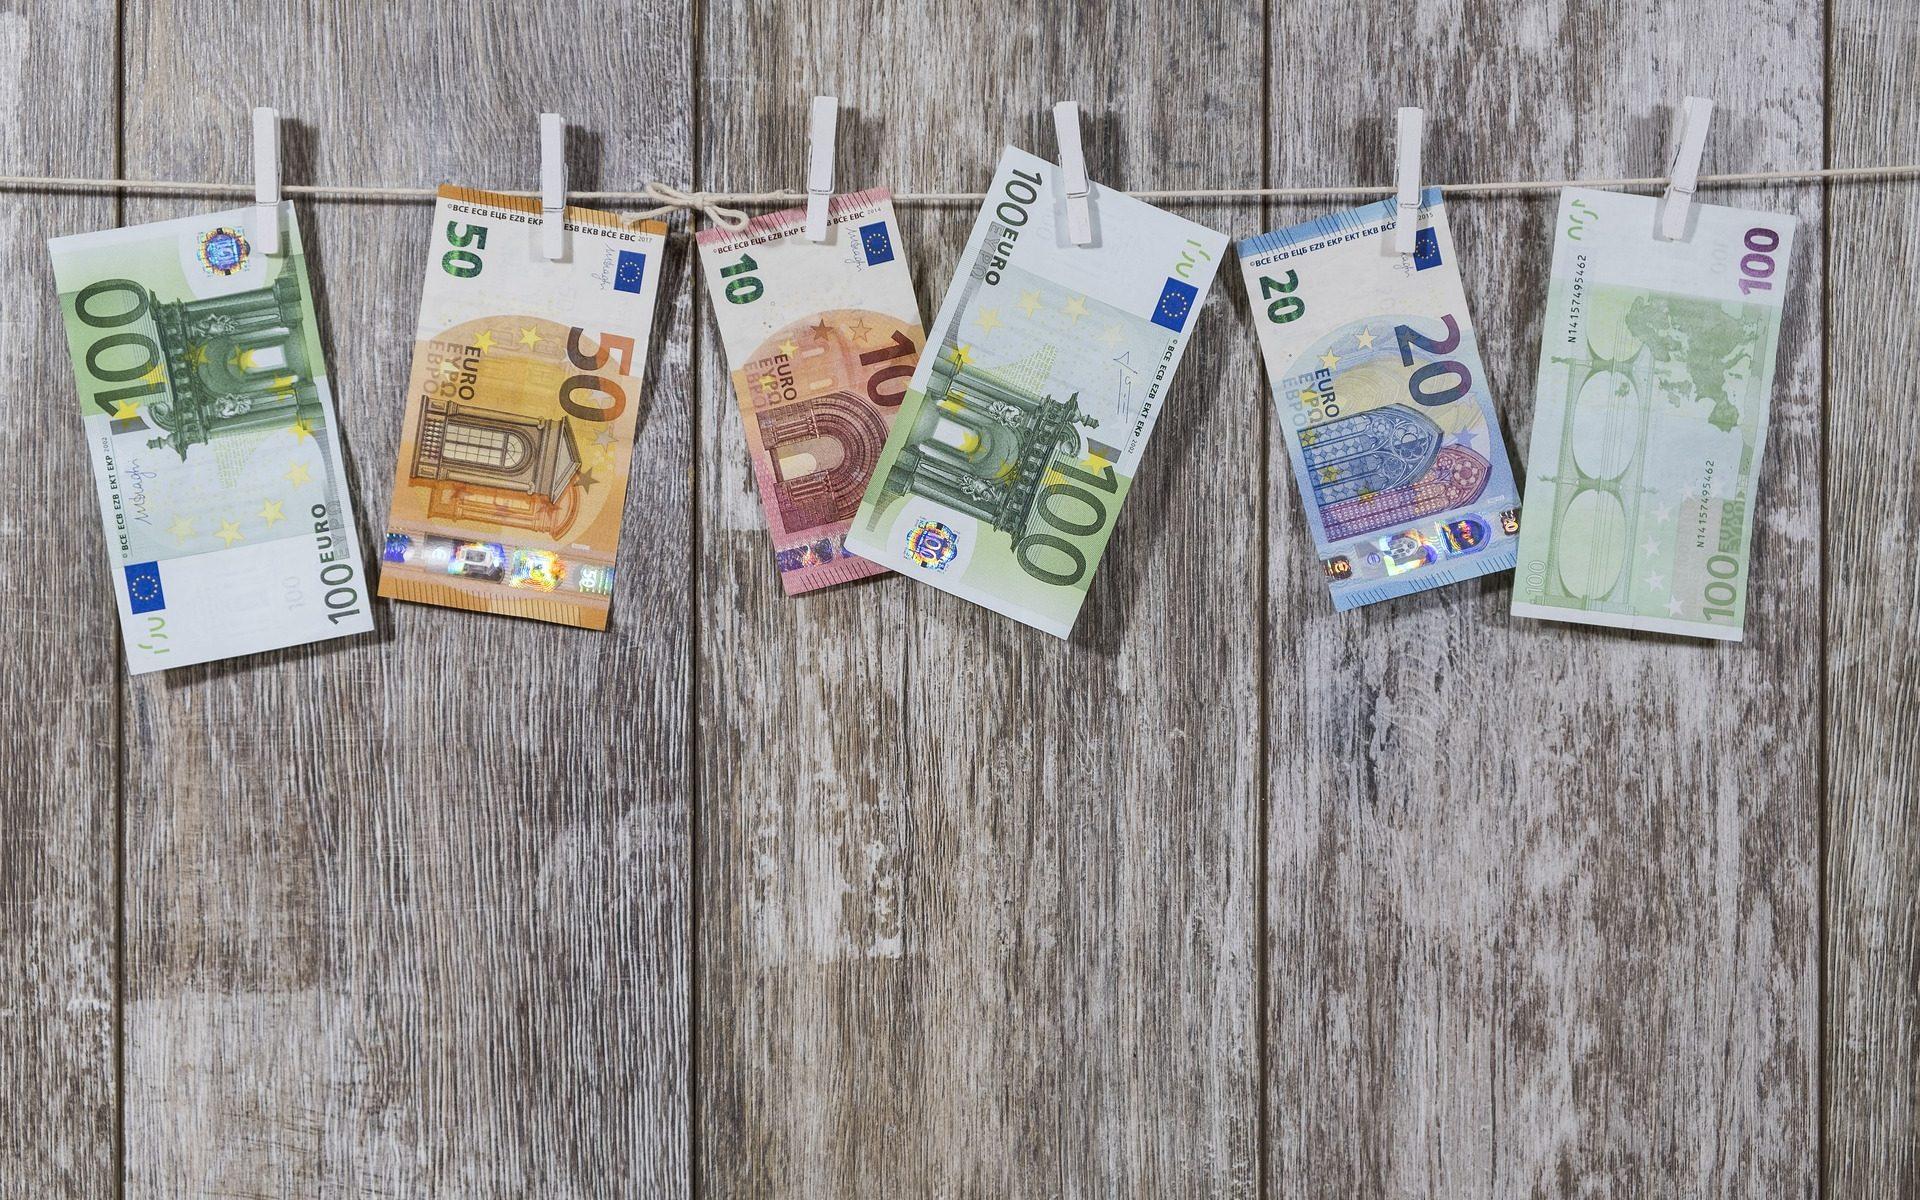 Samlelån er et banklån der giver dig flere penge mellem hænderne